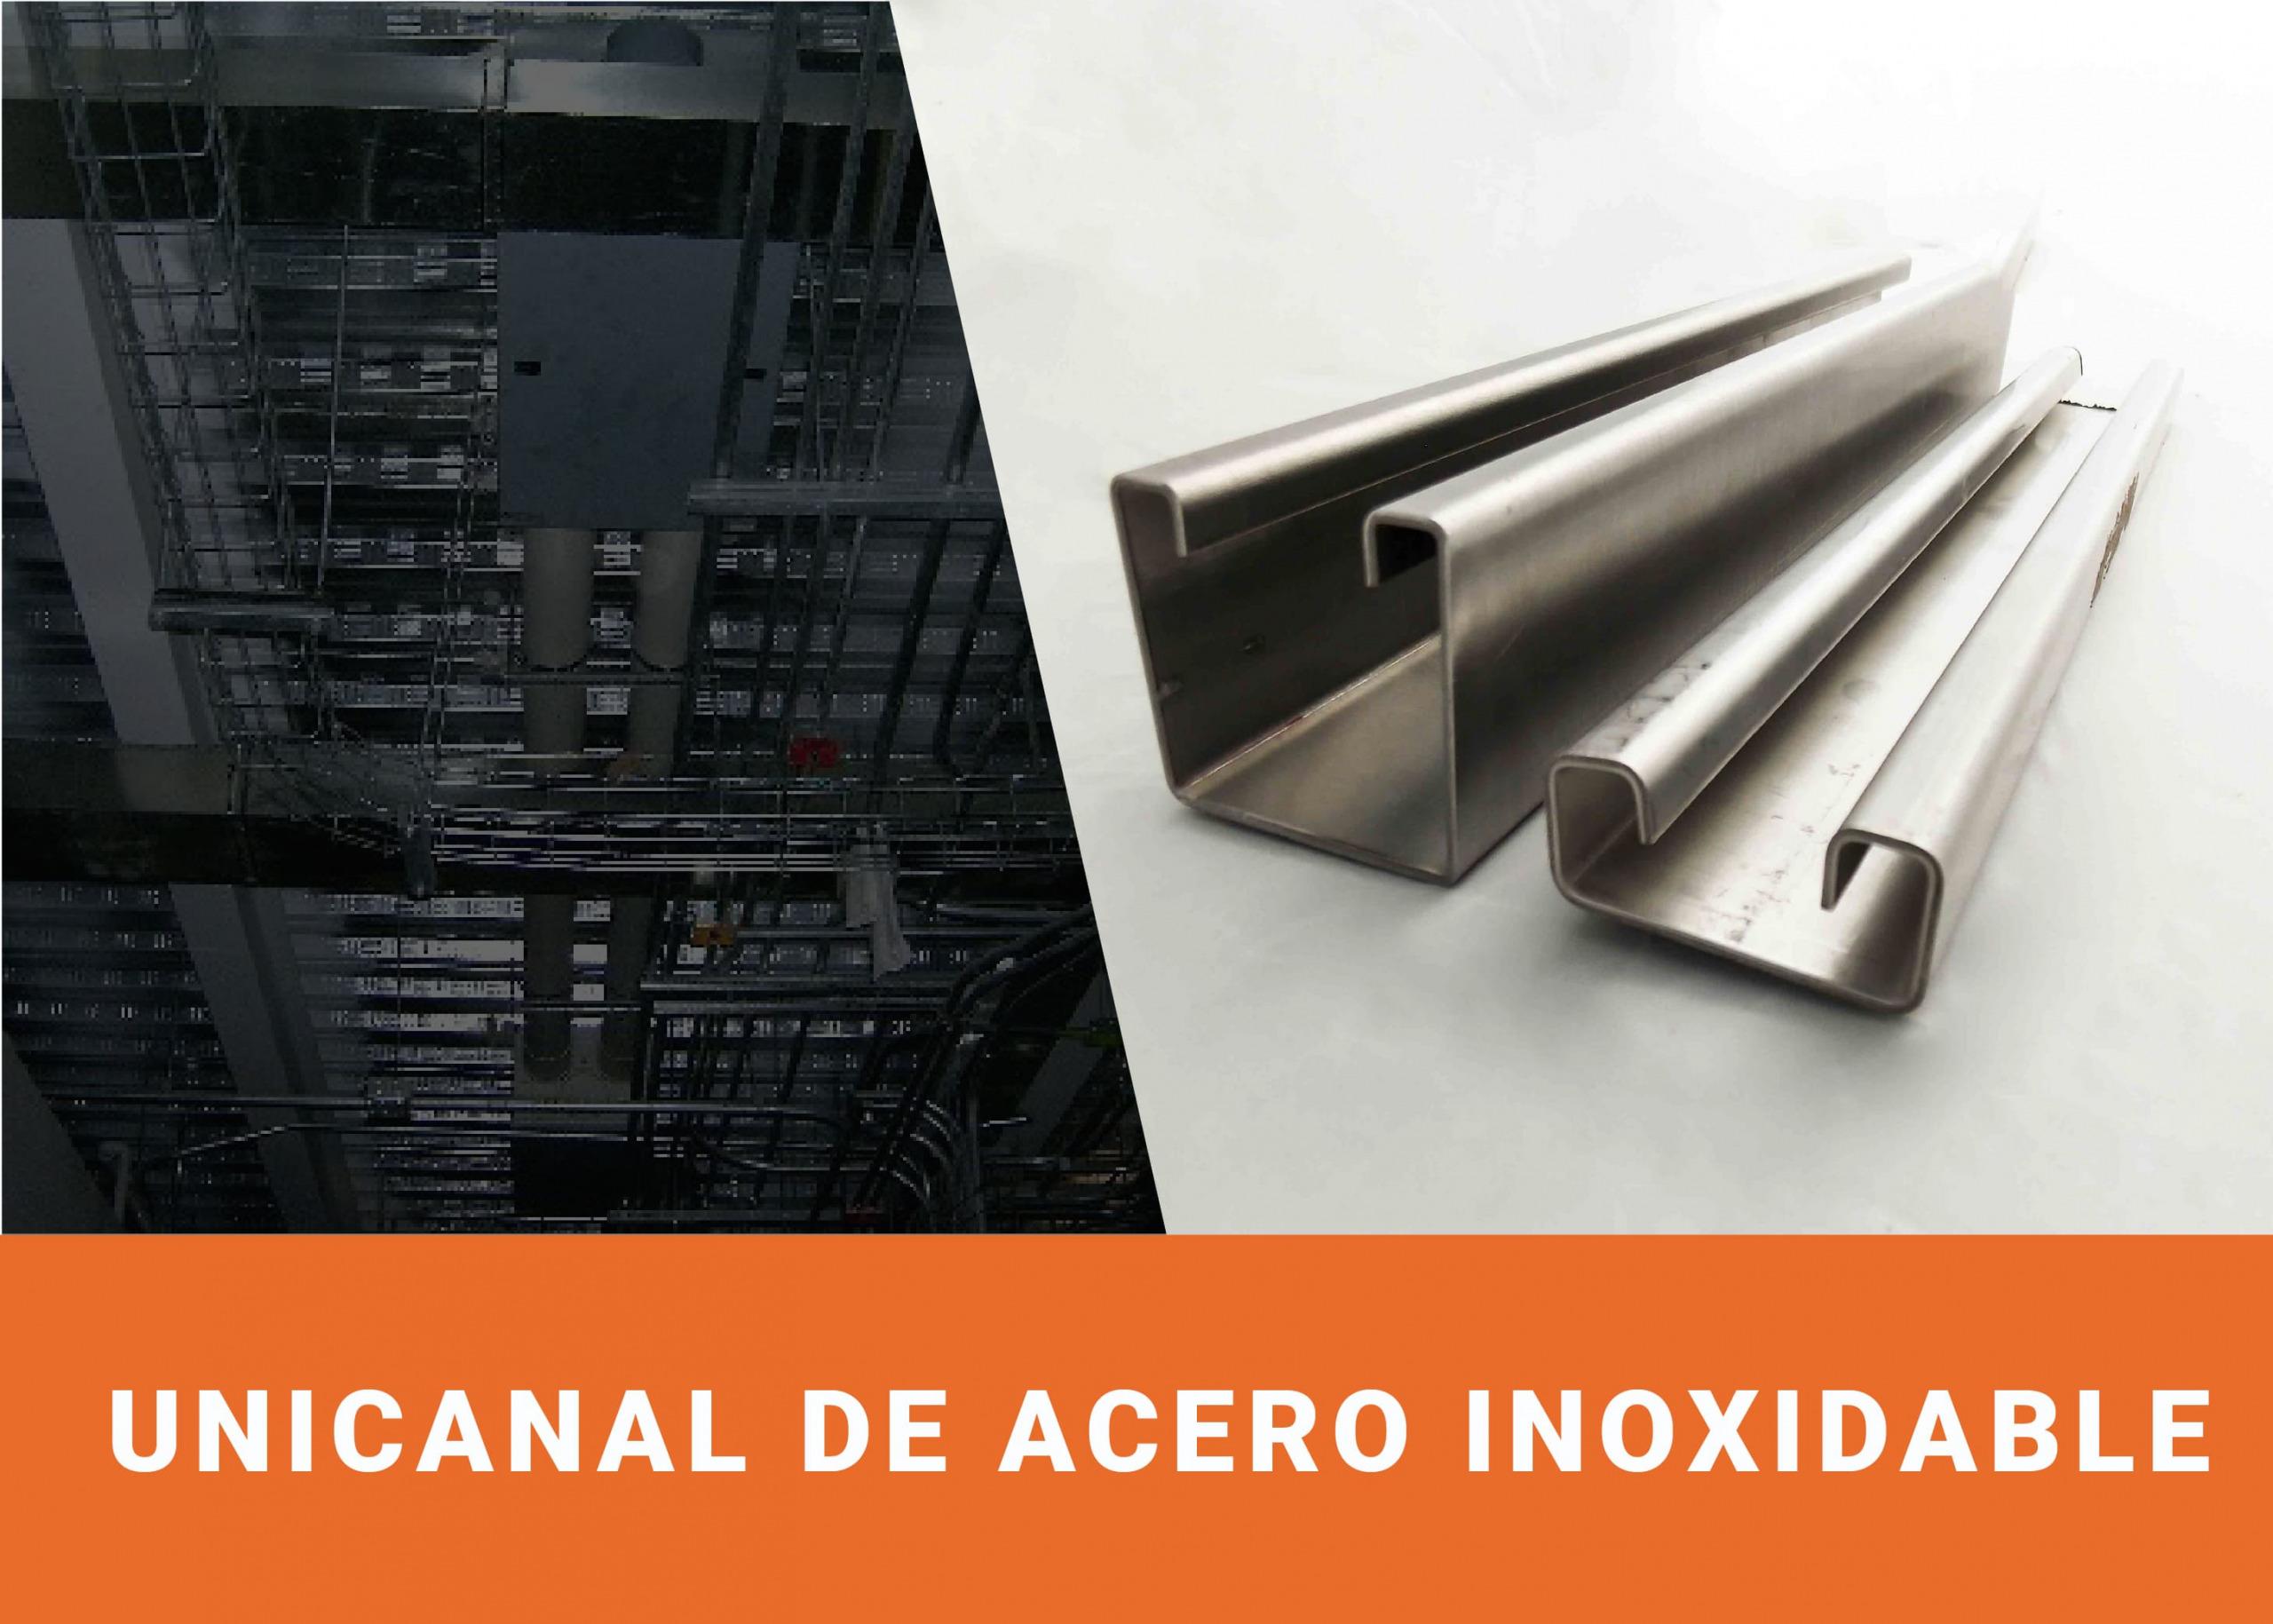 Unicanal de acero inoxidable 4x4/4x2 Image